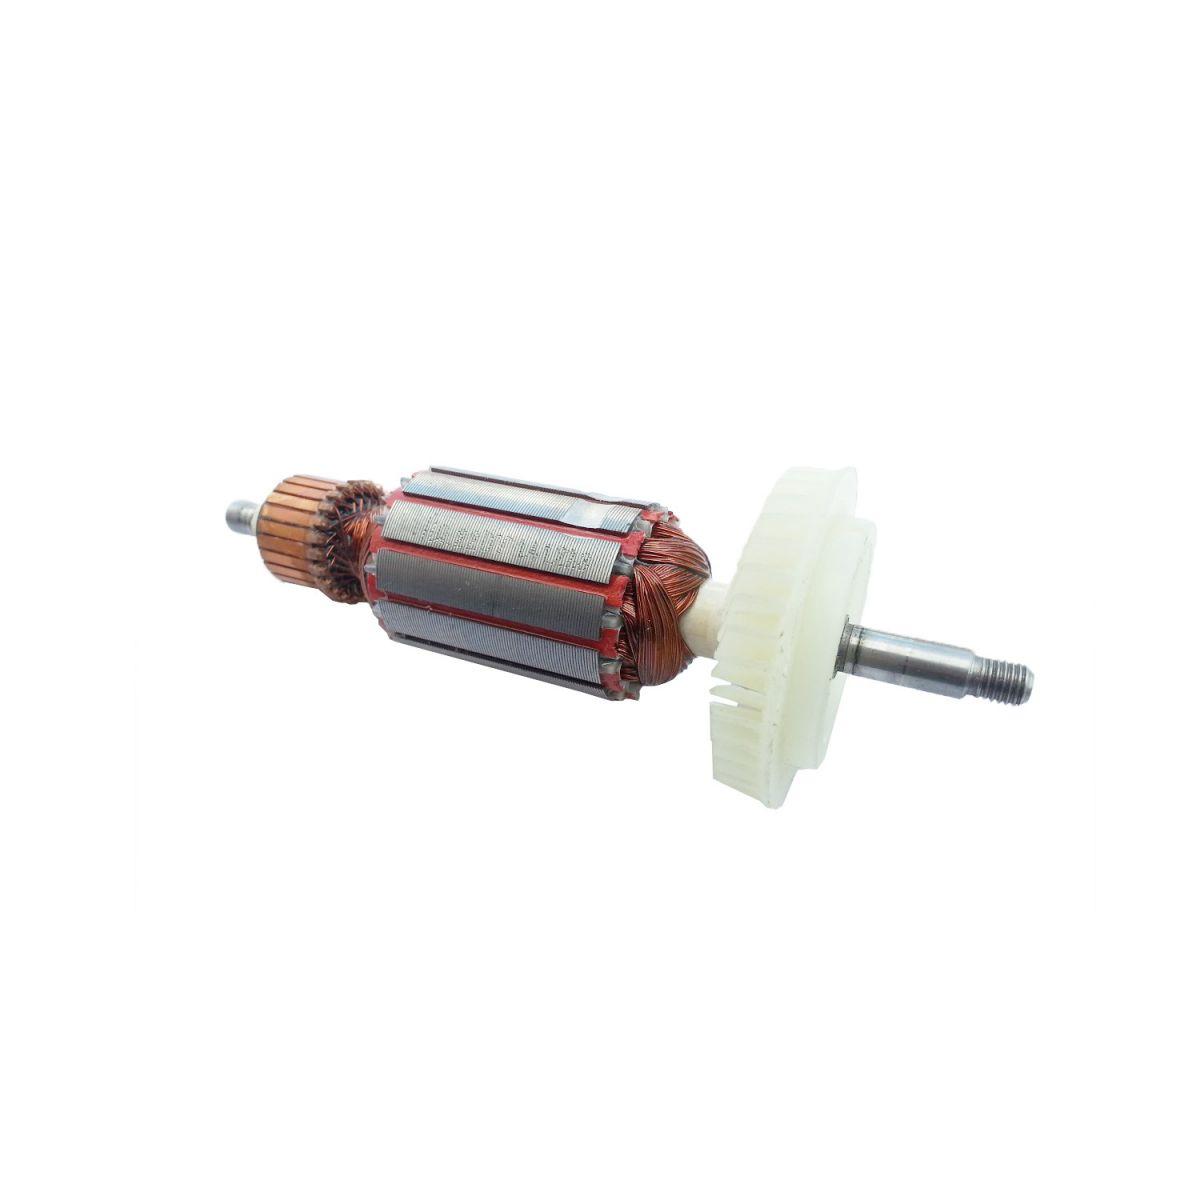 Induzido Bosch para Esmerilhadeira 1347 220V Importado